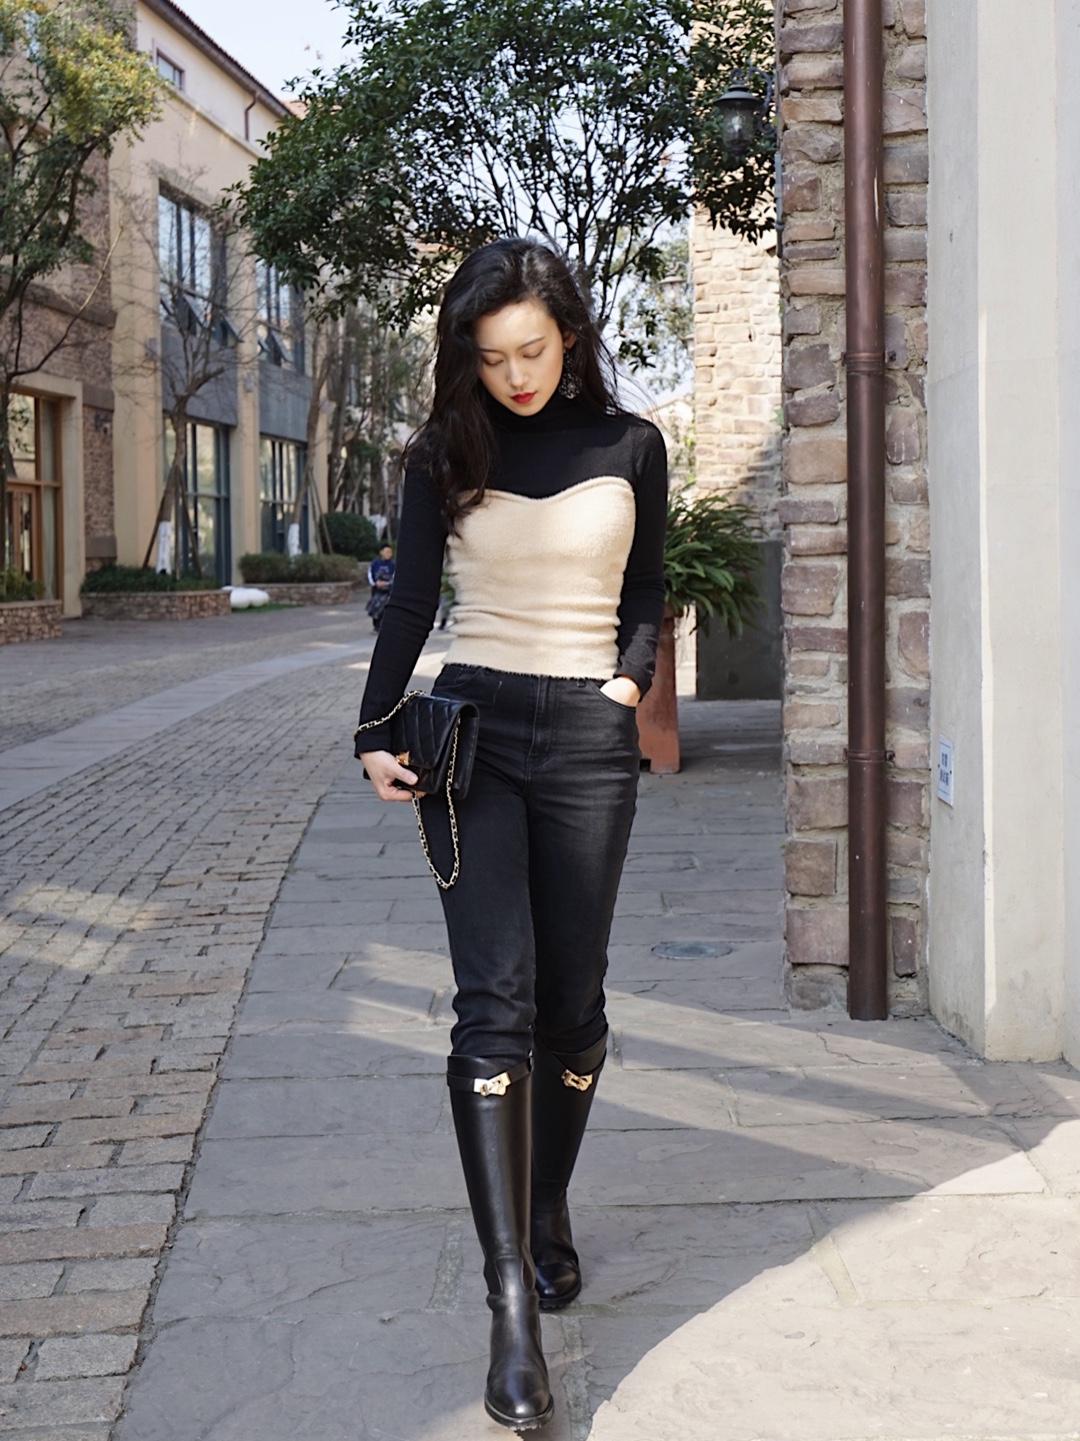 很有女人味的针织假两件,搭配帅气的马靴,以及一个比较夸张的大耳环,整体造型帅气又女人呢🦄️  🚩上衣:假两件针织 🚩下衣:黑色小直筒牛仔裤 🚩鞋:马靴 🚩包:chanel #靠这双战靴走19年的花路!#